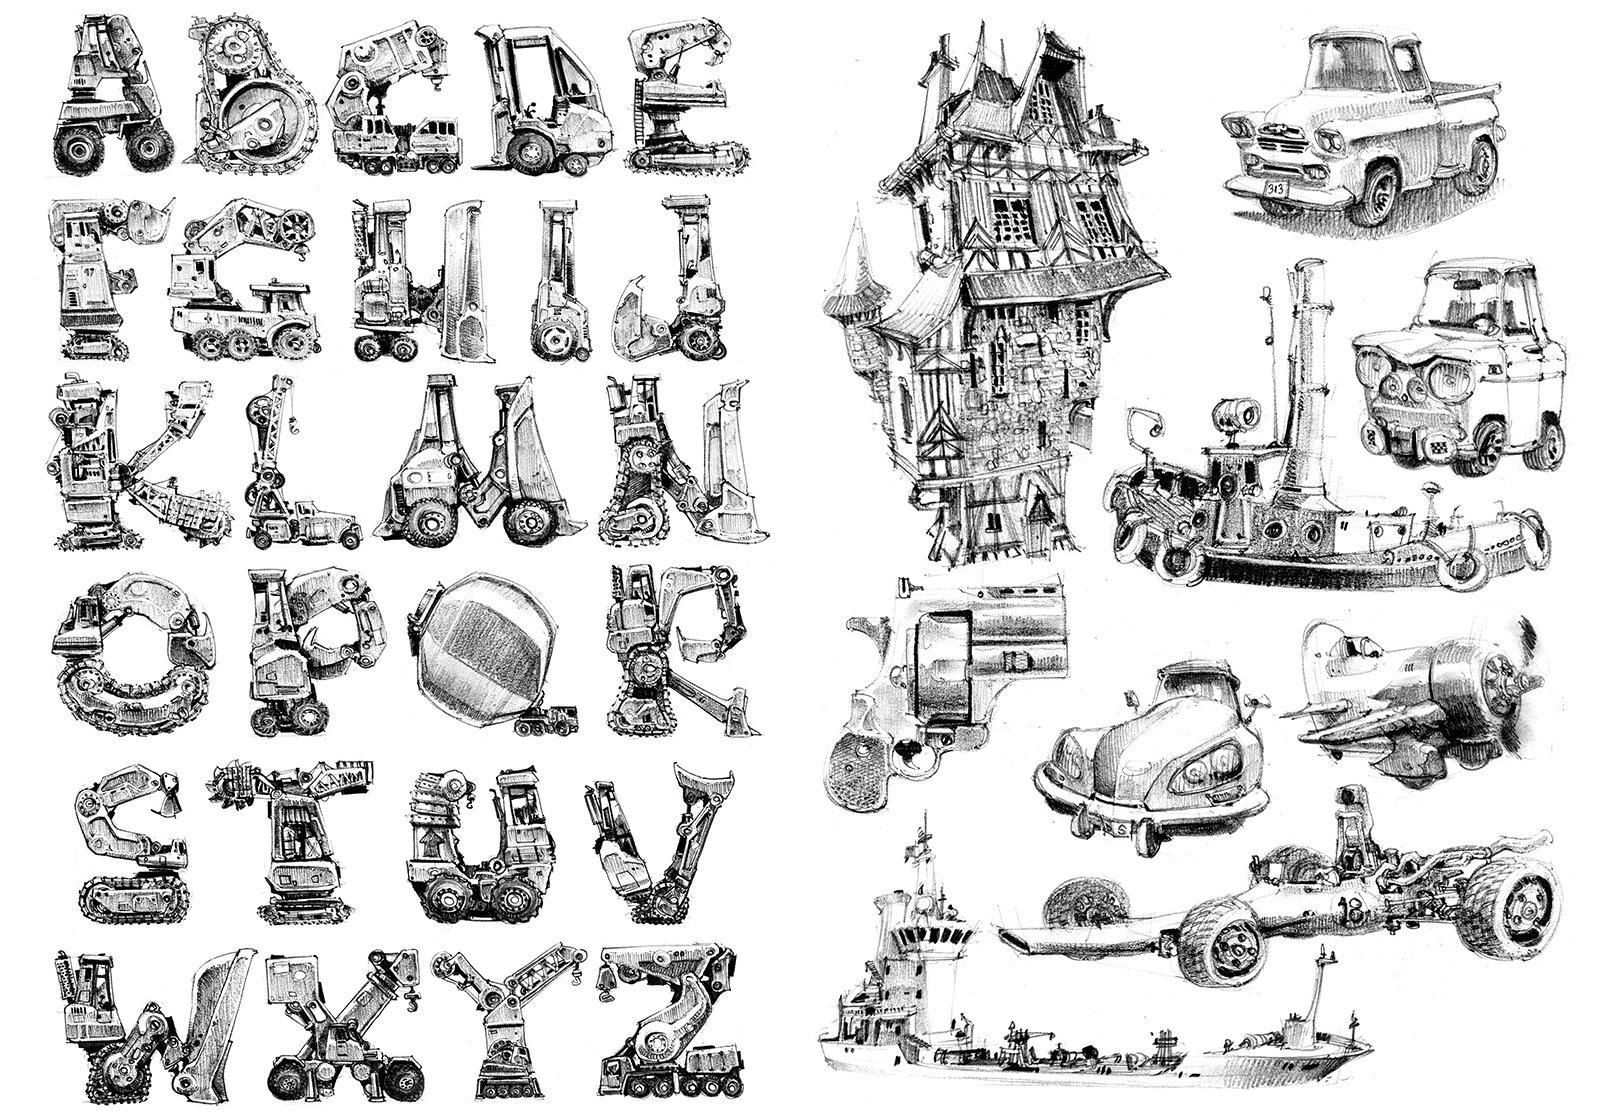 Jean brice dugait 31 alphabet mecha caricatures jb dugait